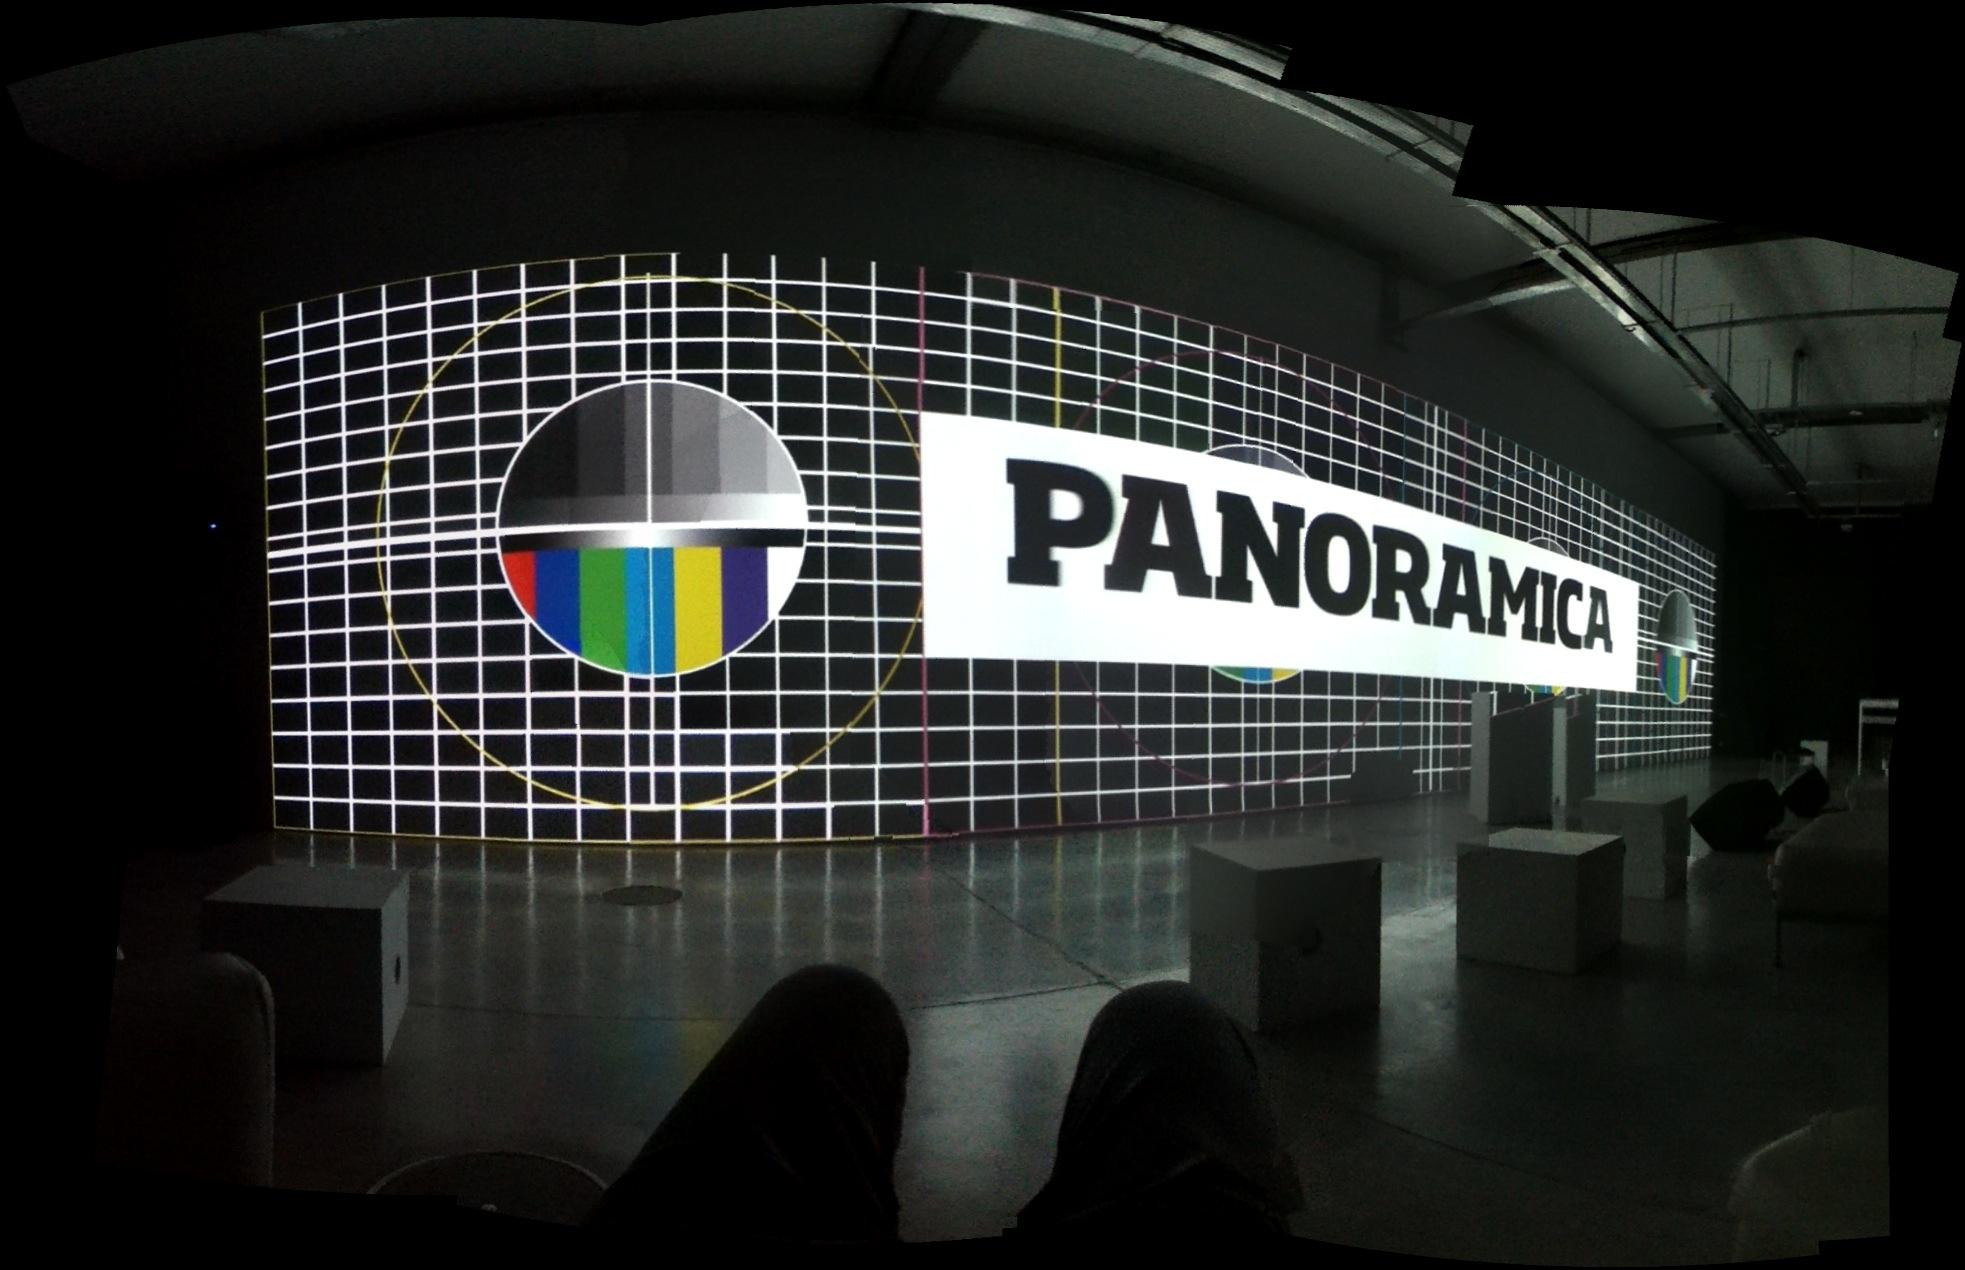 panoramica-01